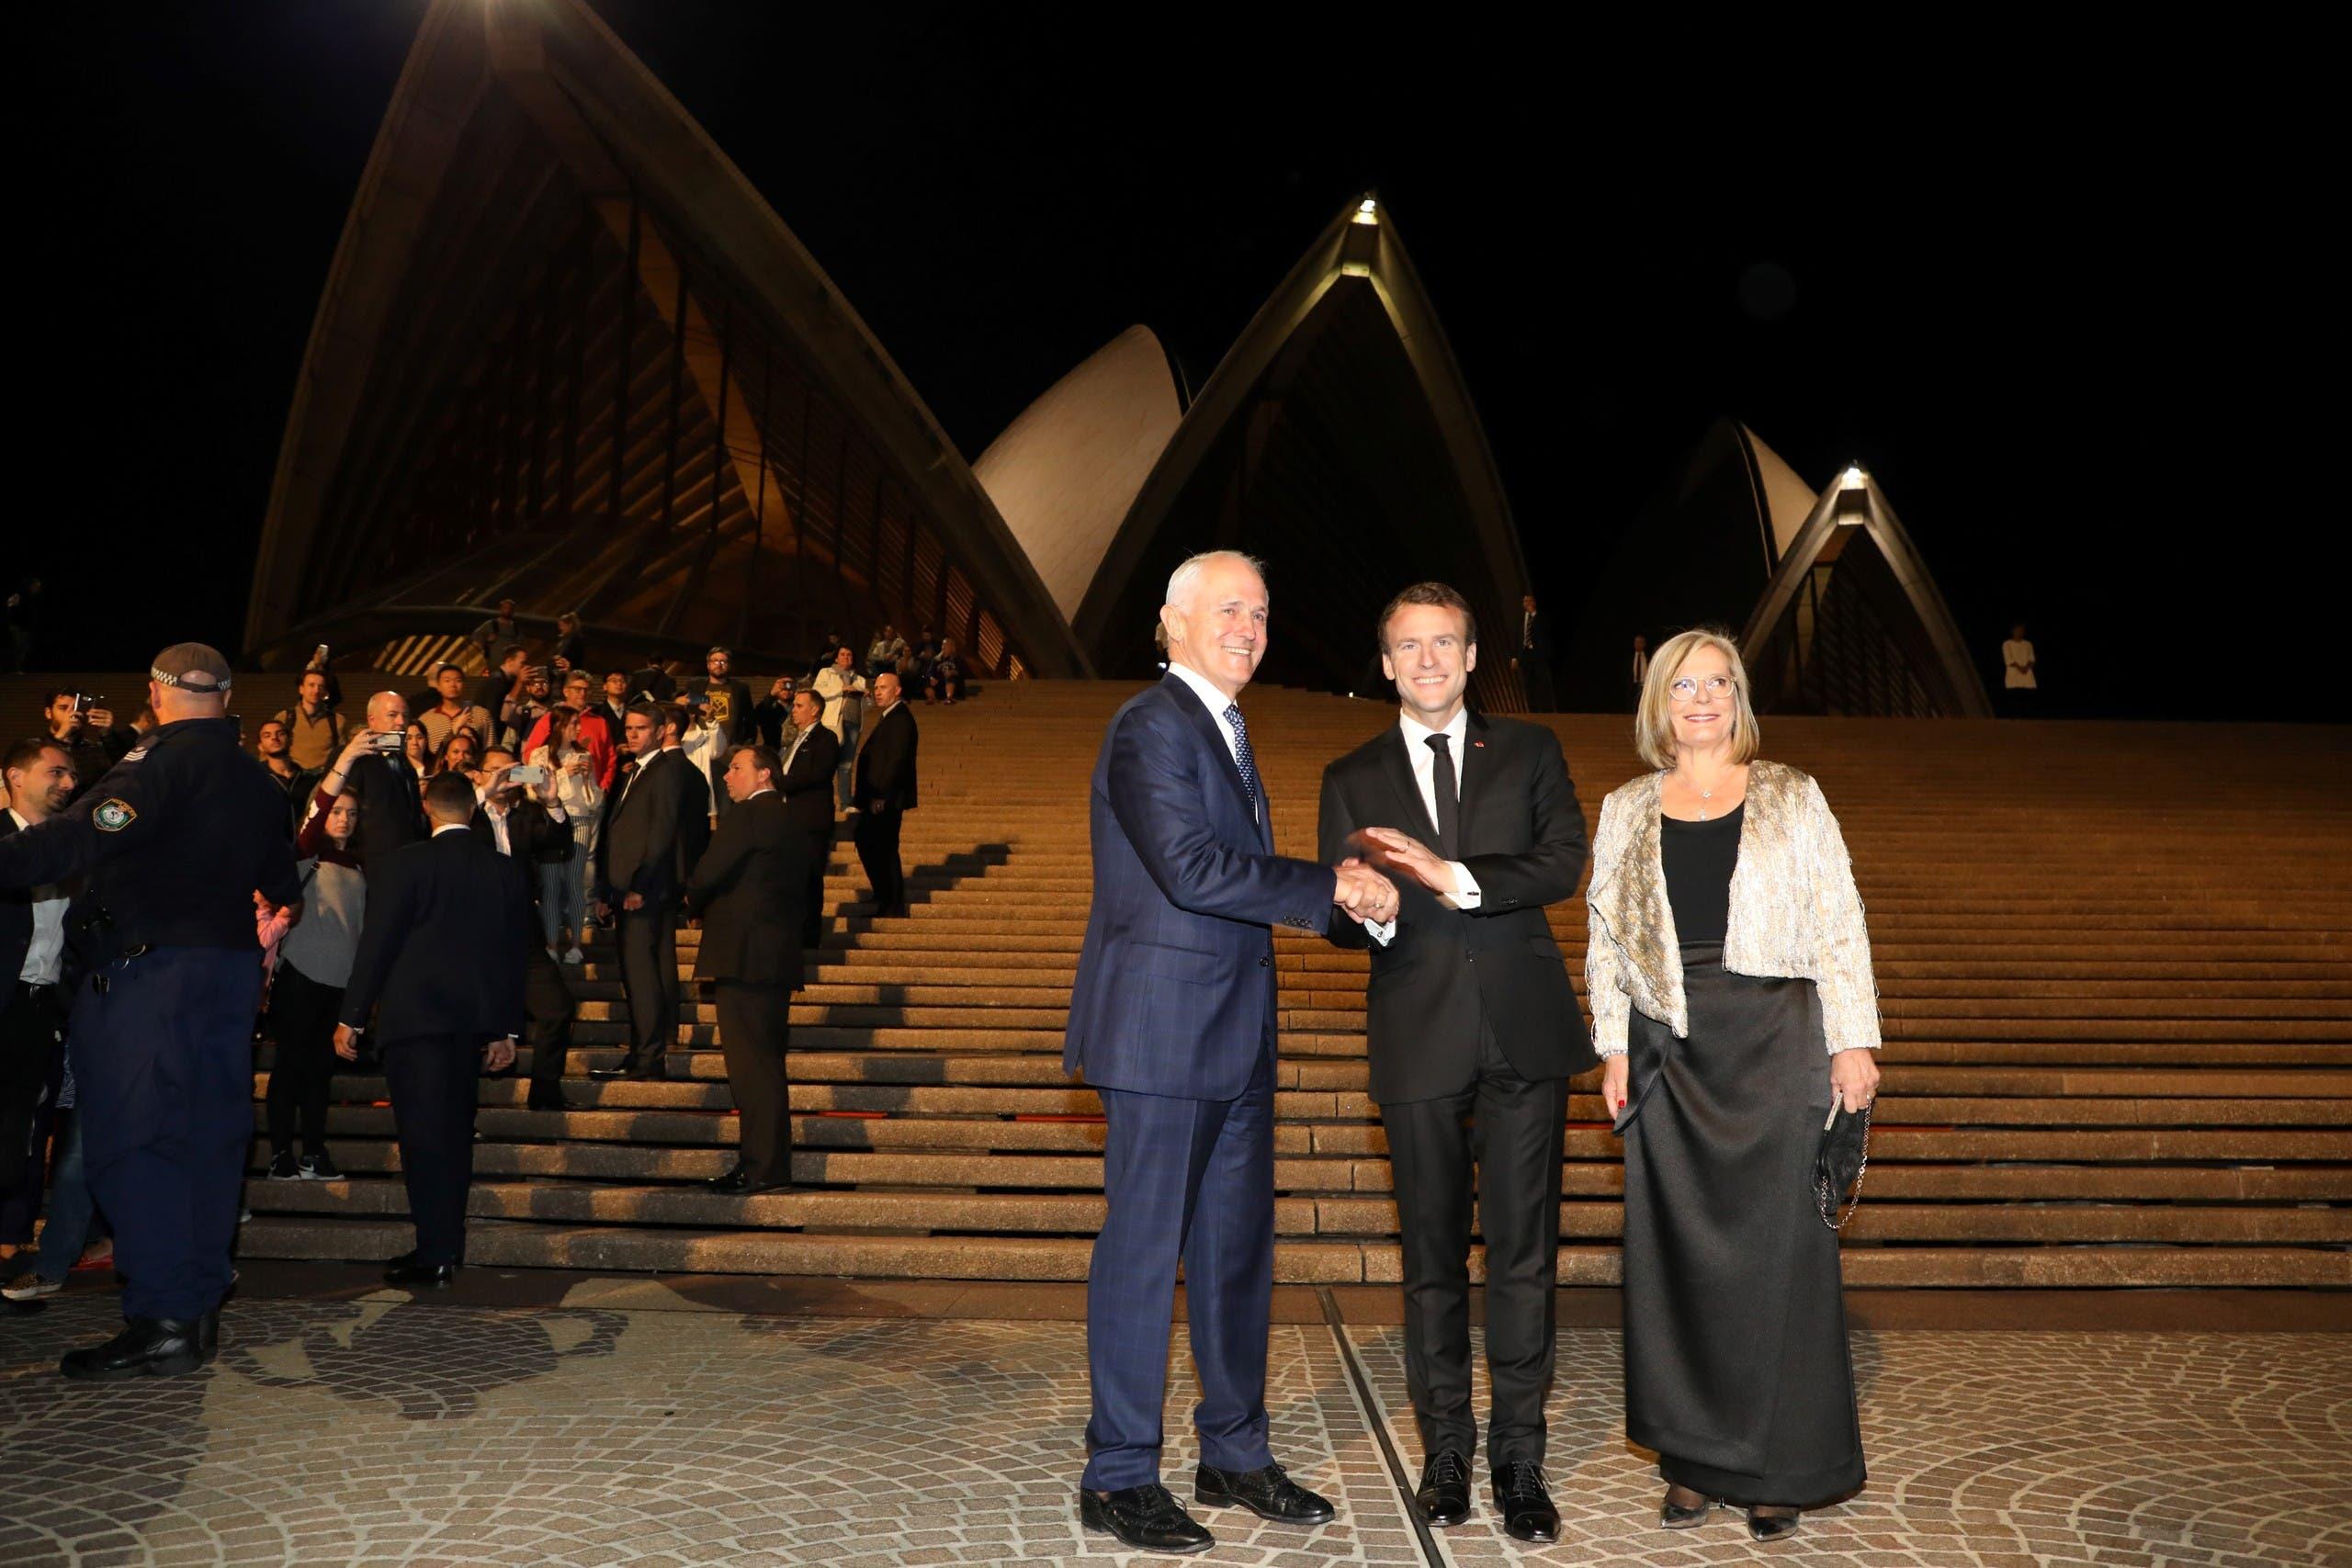 ماكرون يتوسط رئيس وزراء أستراليا وزوجته لوسي